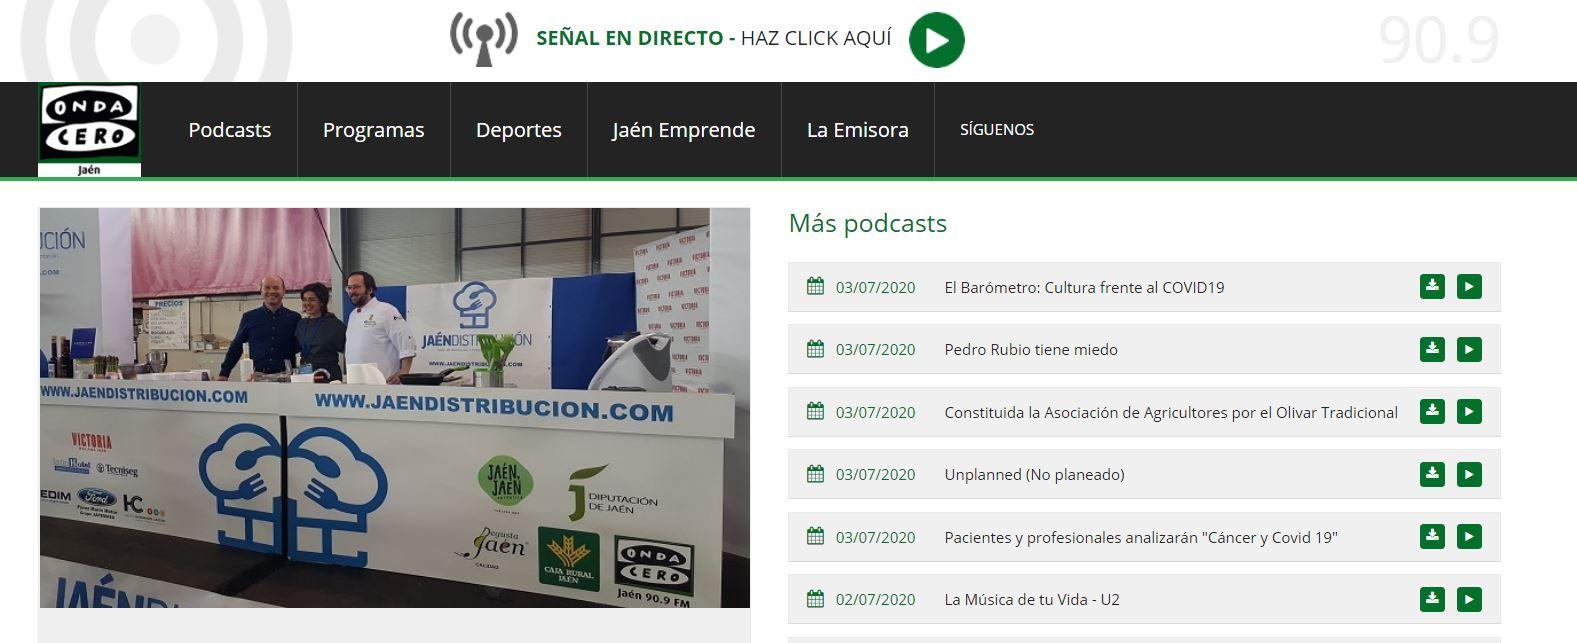 ONDA CERO JAÉN- Entrevista a Josefina García Calero, Directora General de Mariscos Castellar en la feria Jaén Distribución.